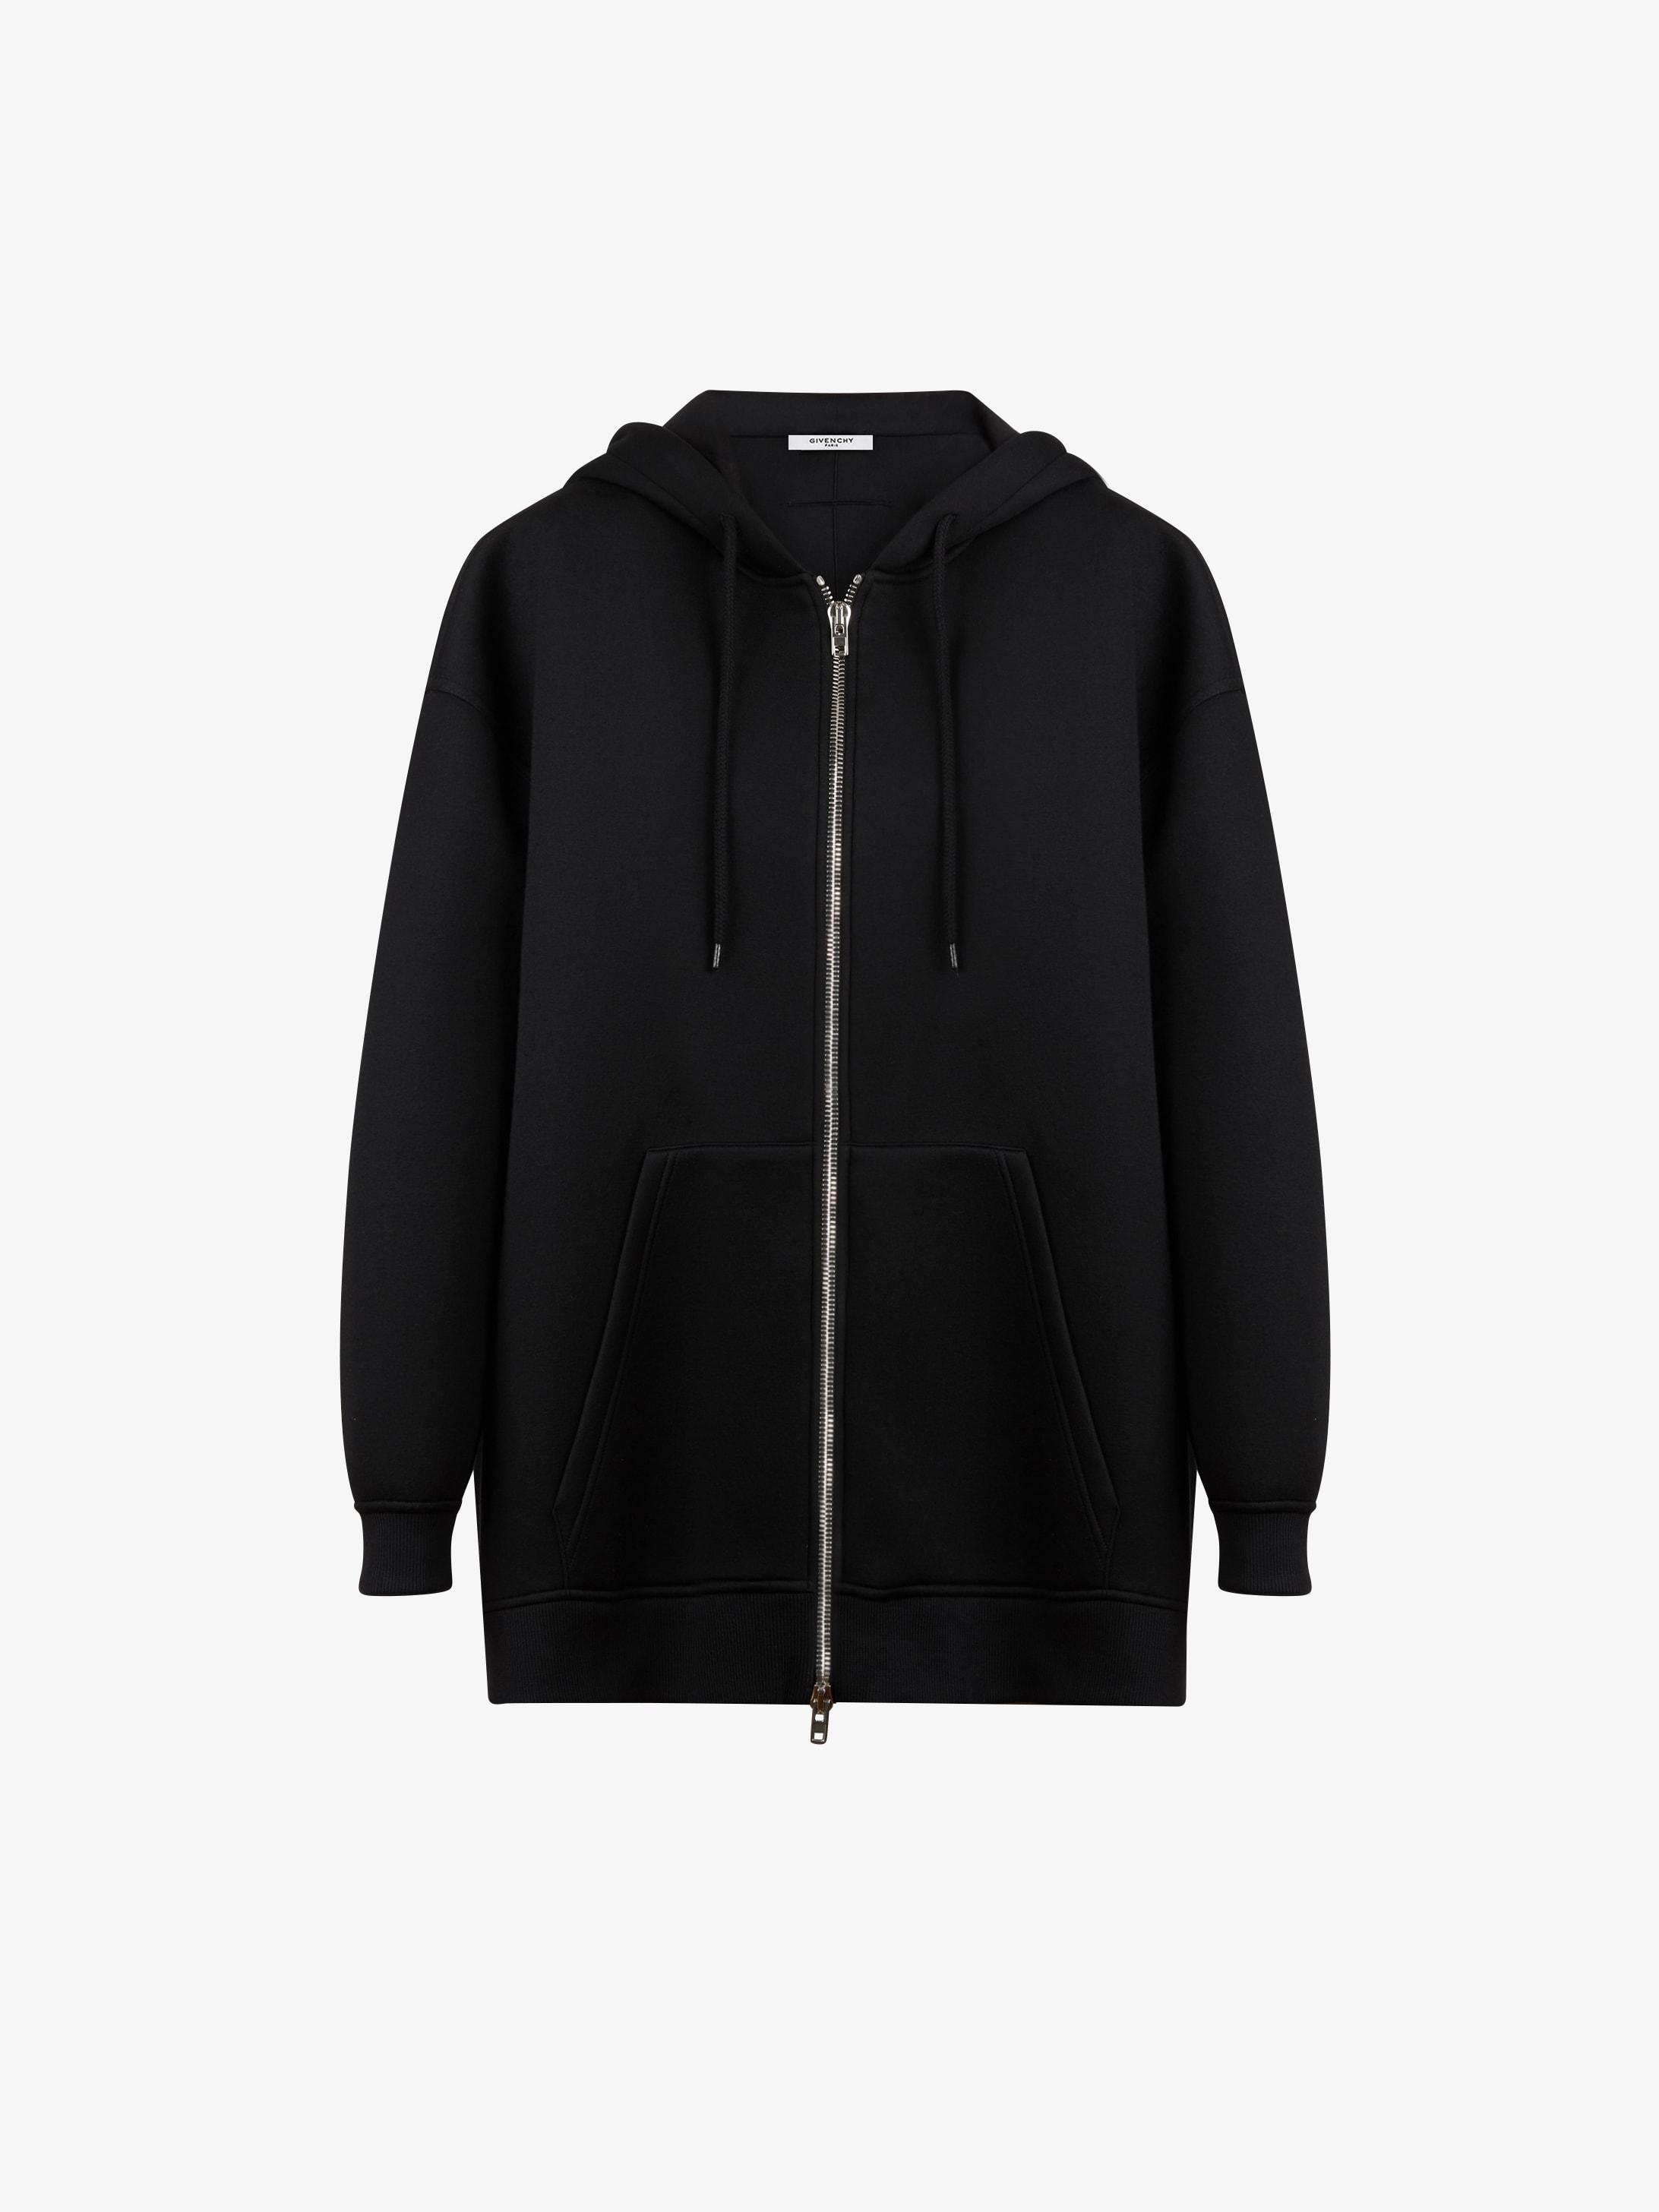 GIVENCHY PARIS printed hoodie jacket